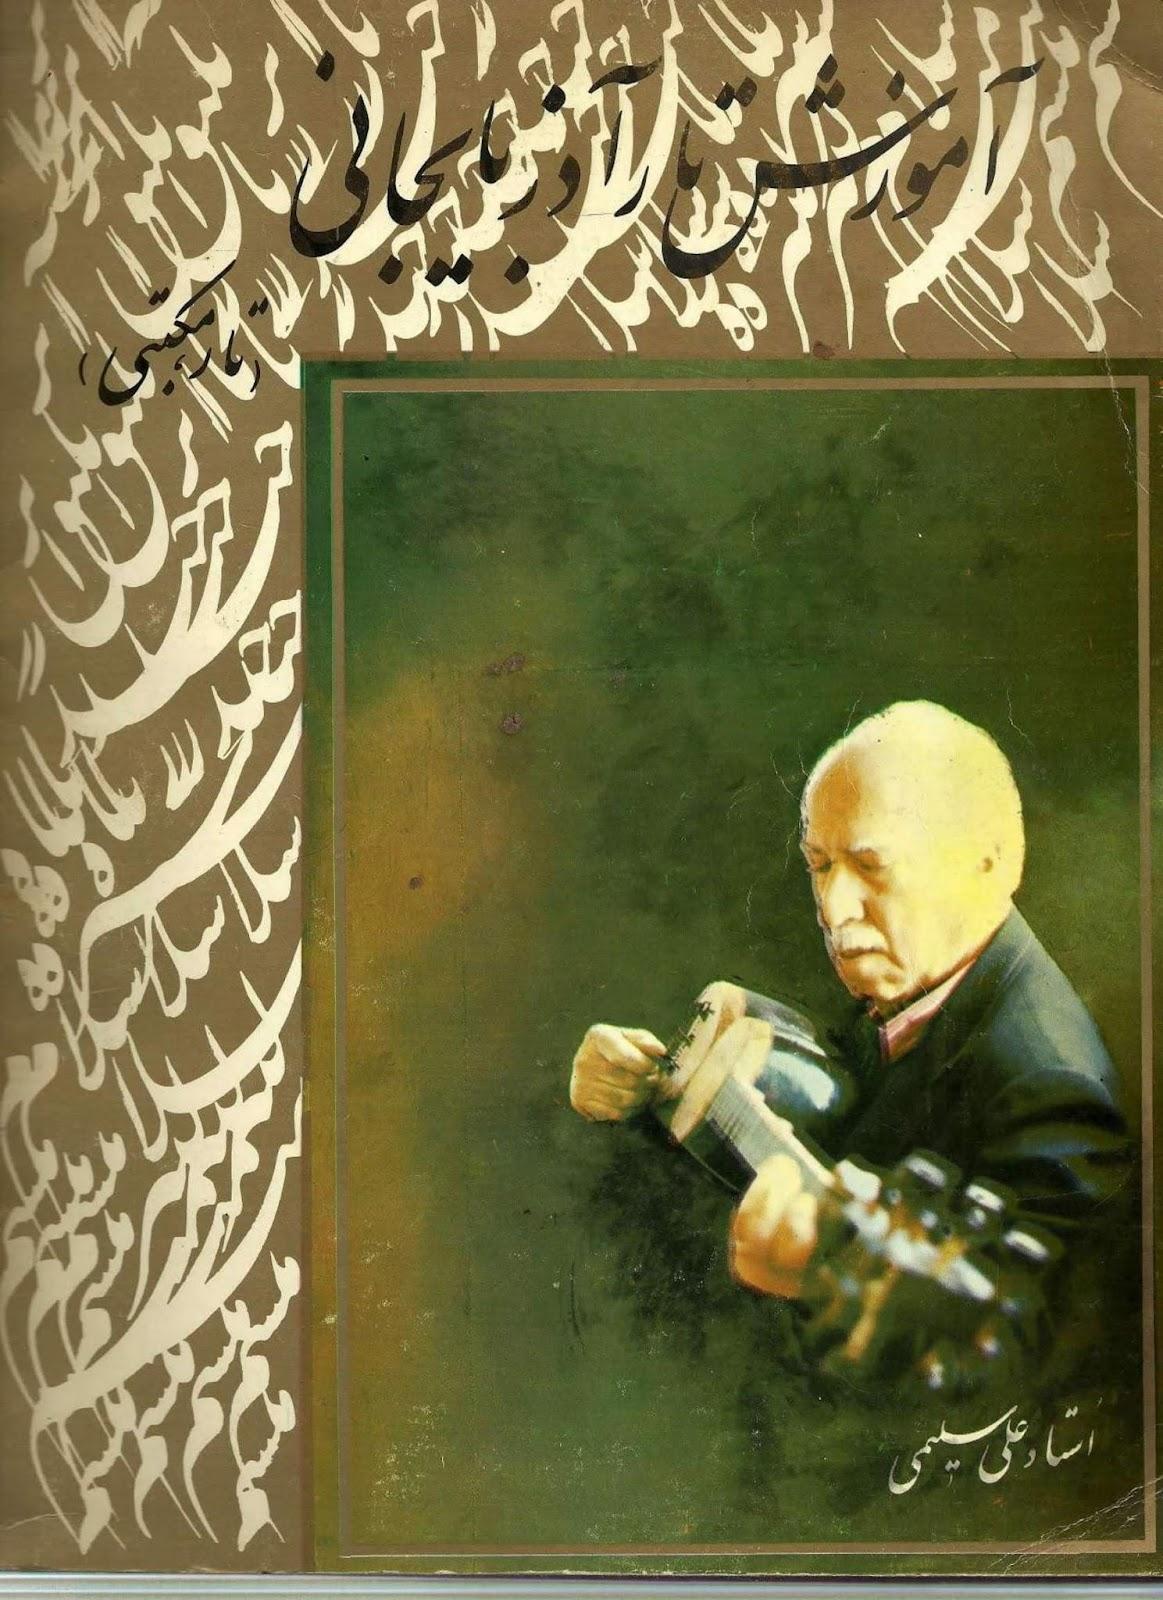 دانلود کتاب آموزش تار آذربایجانی مکتبی علی سلیمی